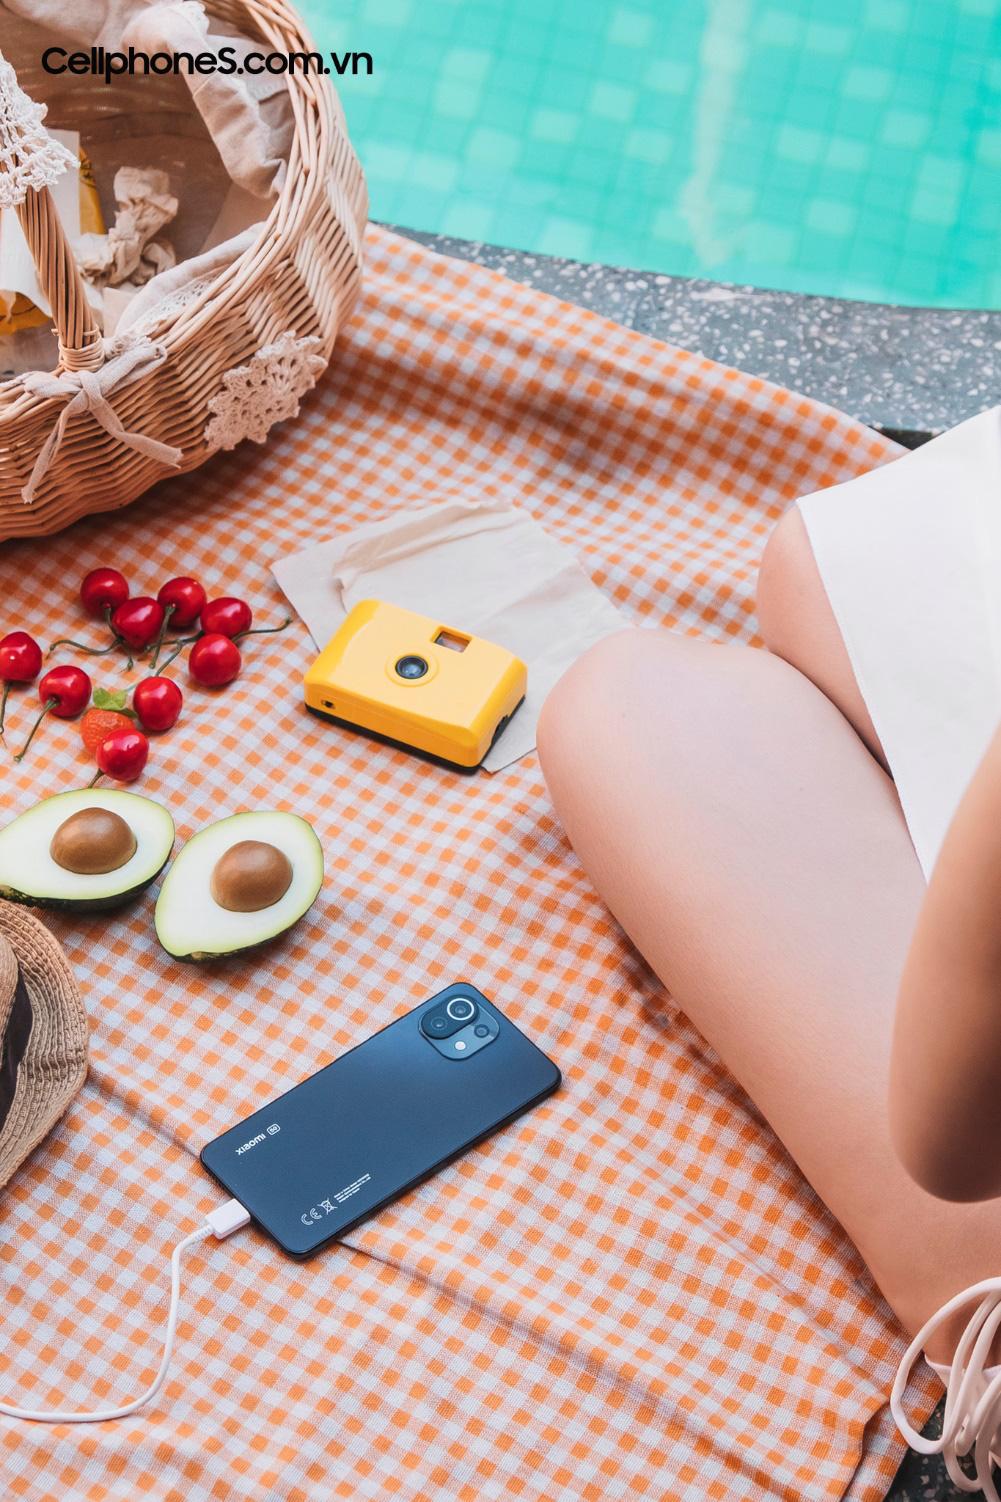 Chọn mua smartphone tầm trung dịp hè, đừng bỏ qua Mi 11 Lite 5G - Ảnh 5.